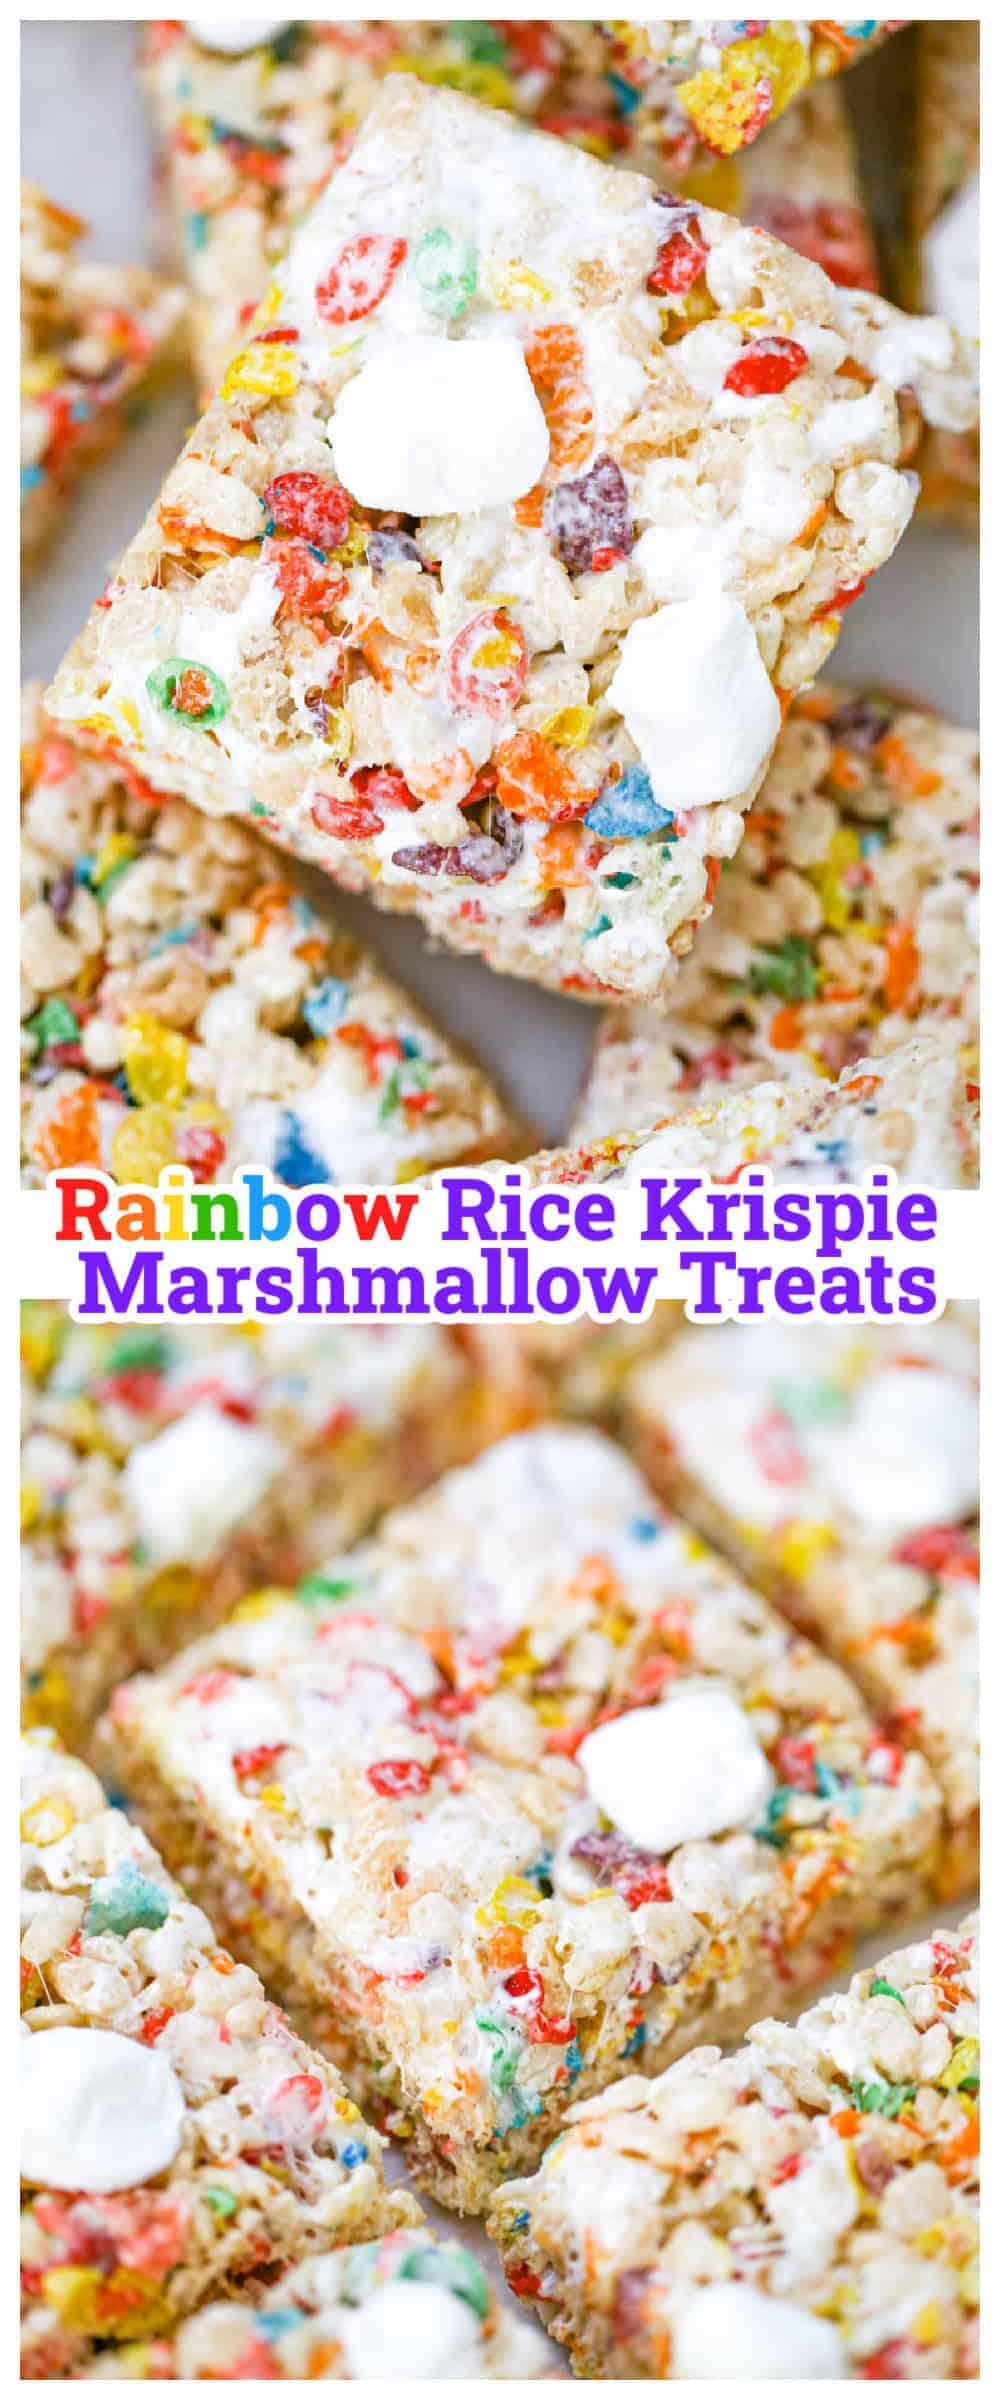 Rainbow Rice Krispie Marshmallow Treats